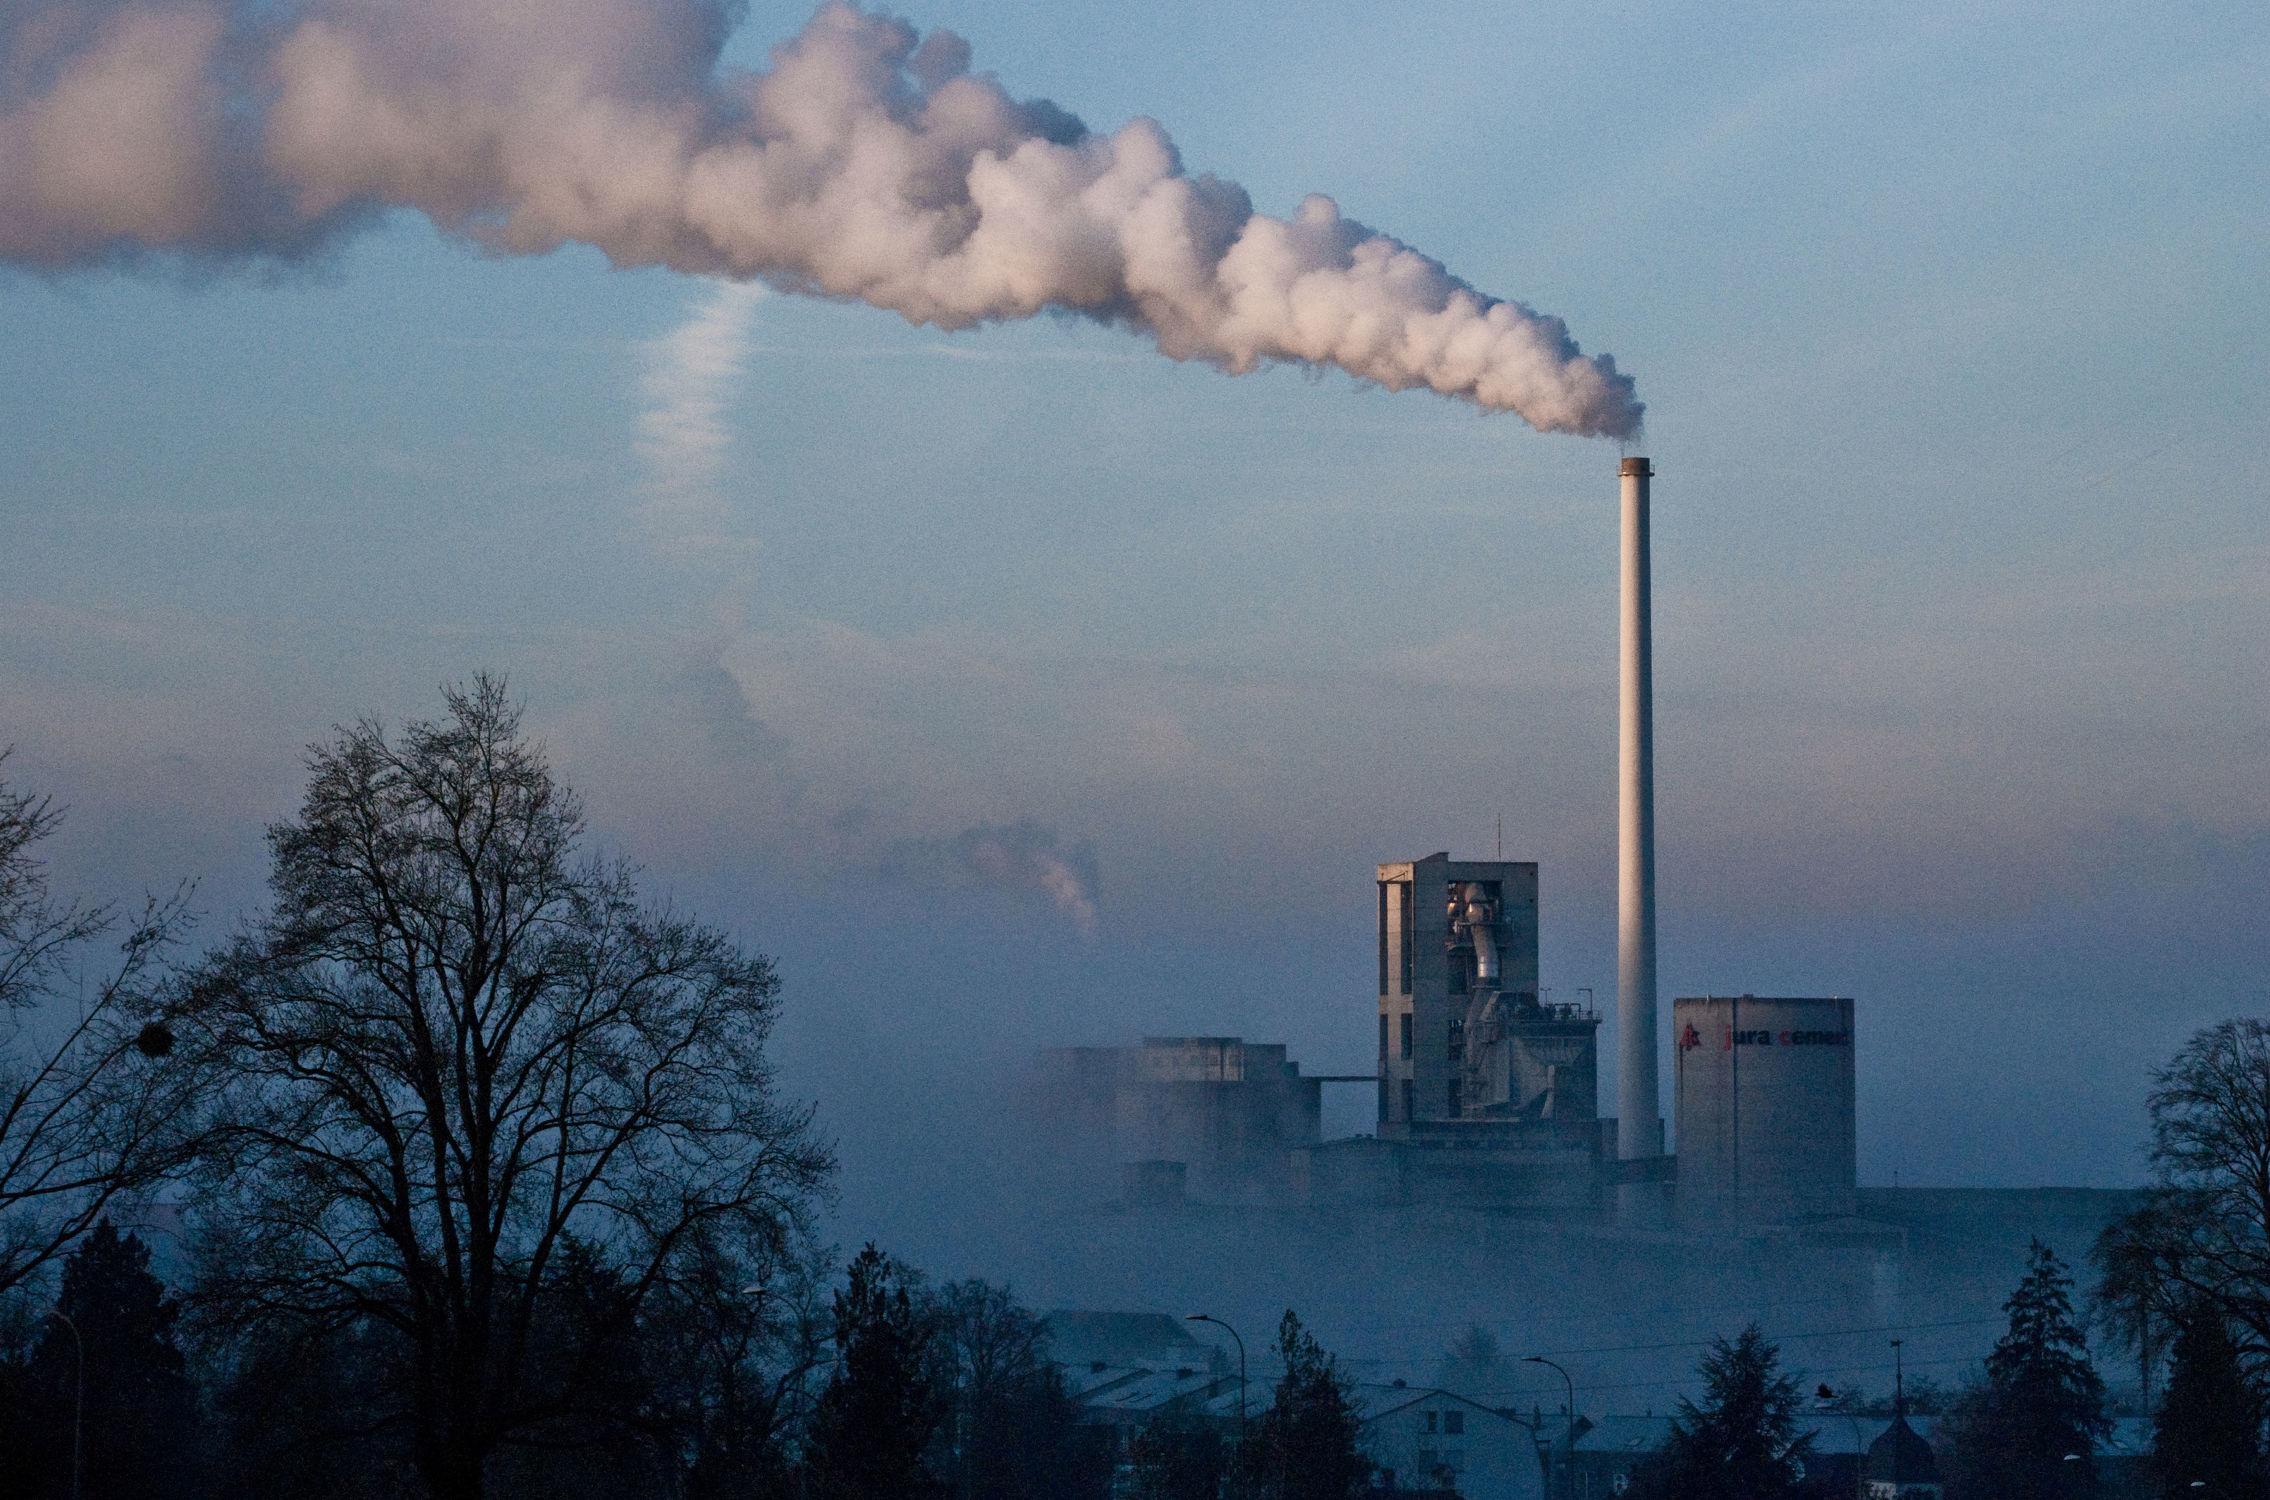 Bild mit Industrie, Industrien, Industriegebiet, industriegelände, industriell